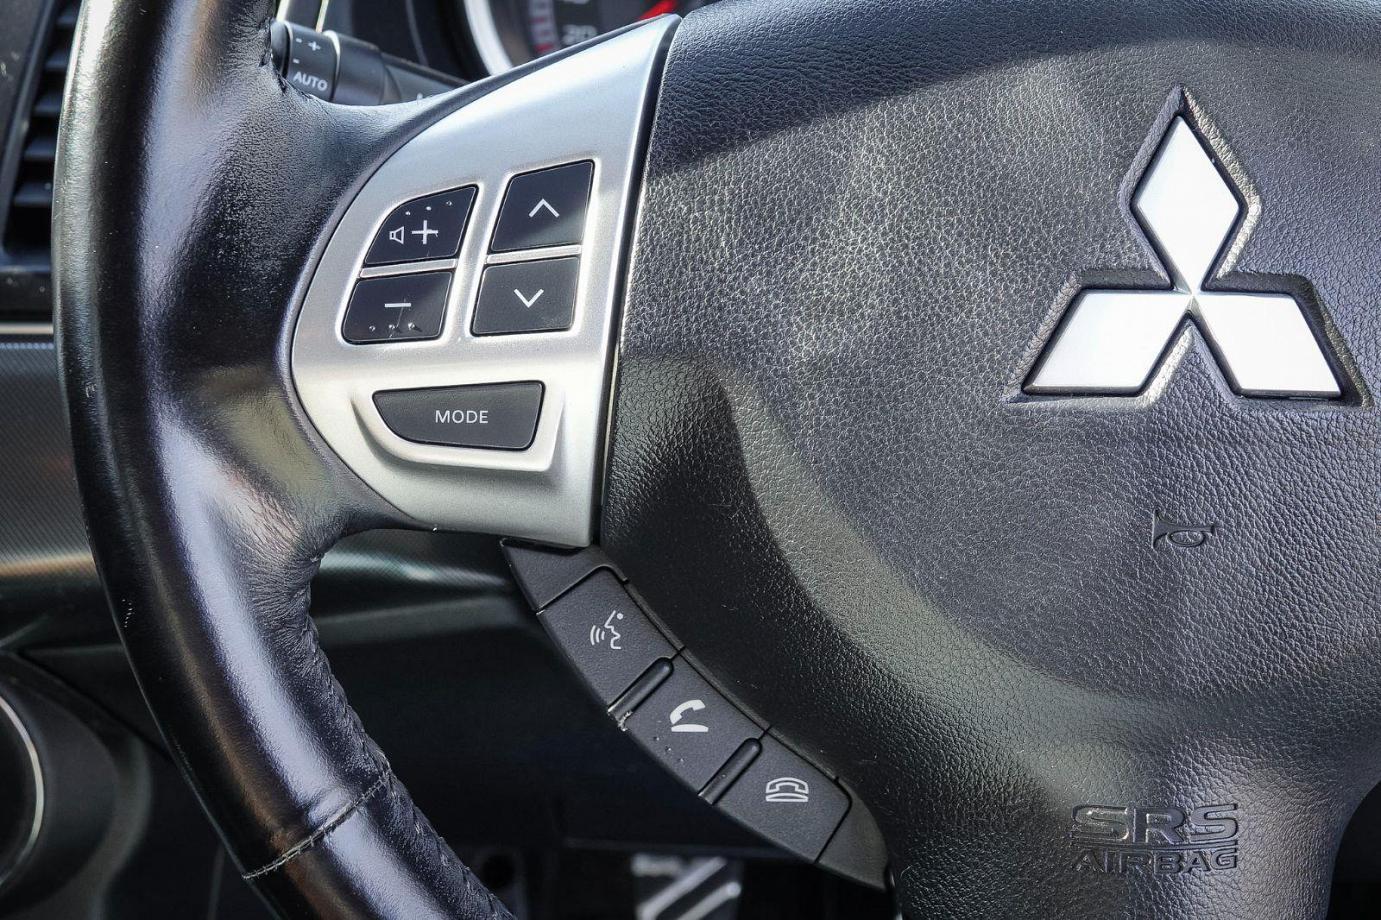 2009 Mitsubishi Lancer CJ MY09 VR-X Sedan 4dr Man 5sp 2.4i